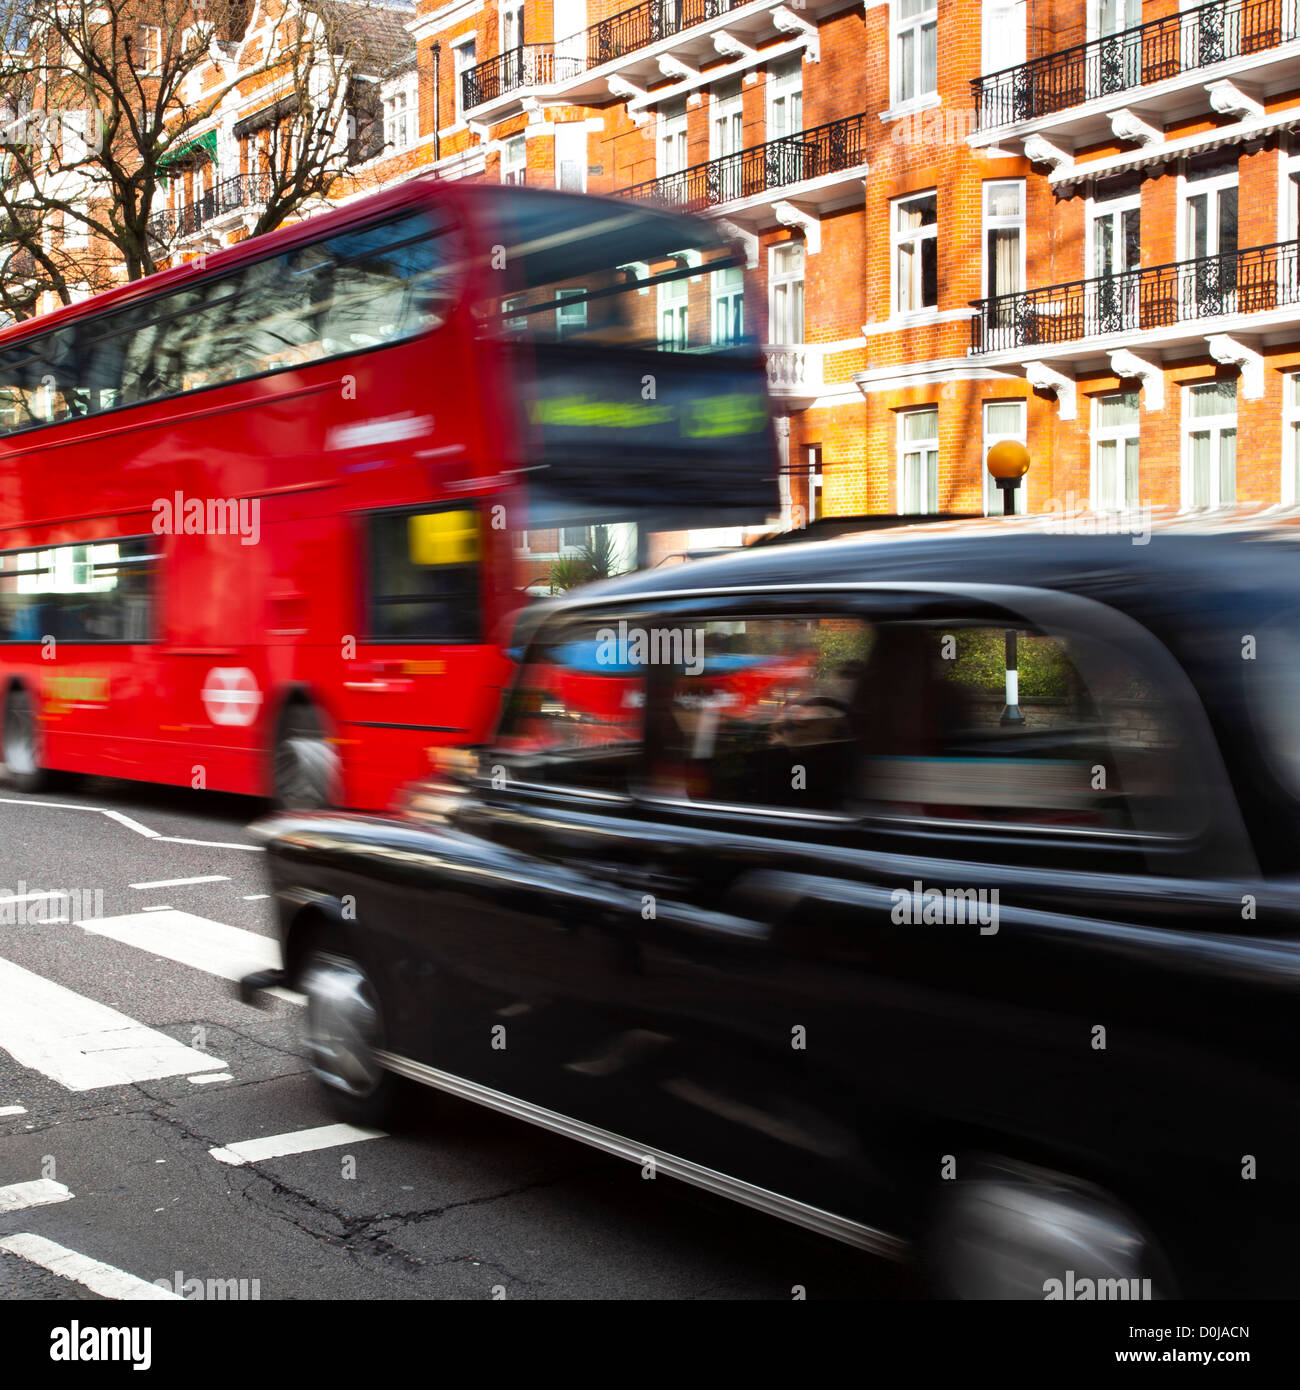 Un rosso London bus e taxi nero approccio Taxi i famosi Abbey Road attraversamento pedonale reso famoso dal coperchio Immagini Stock